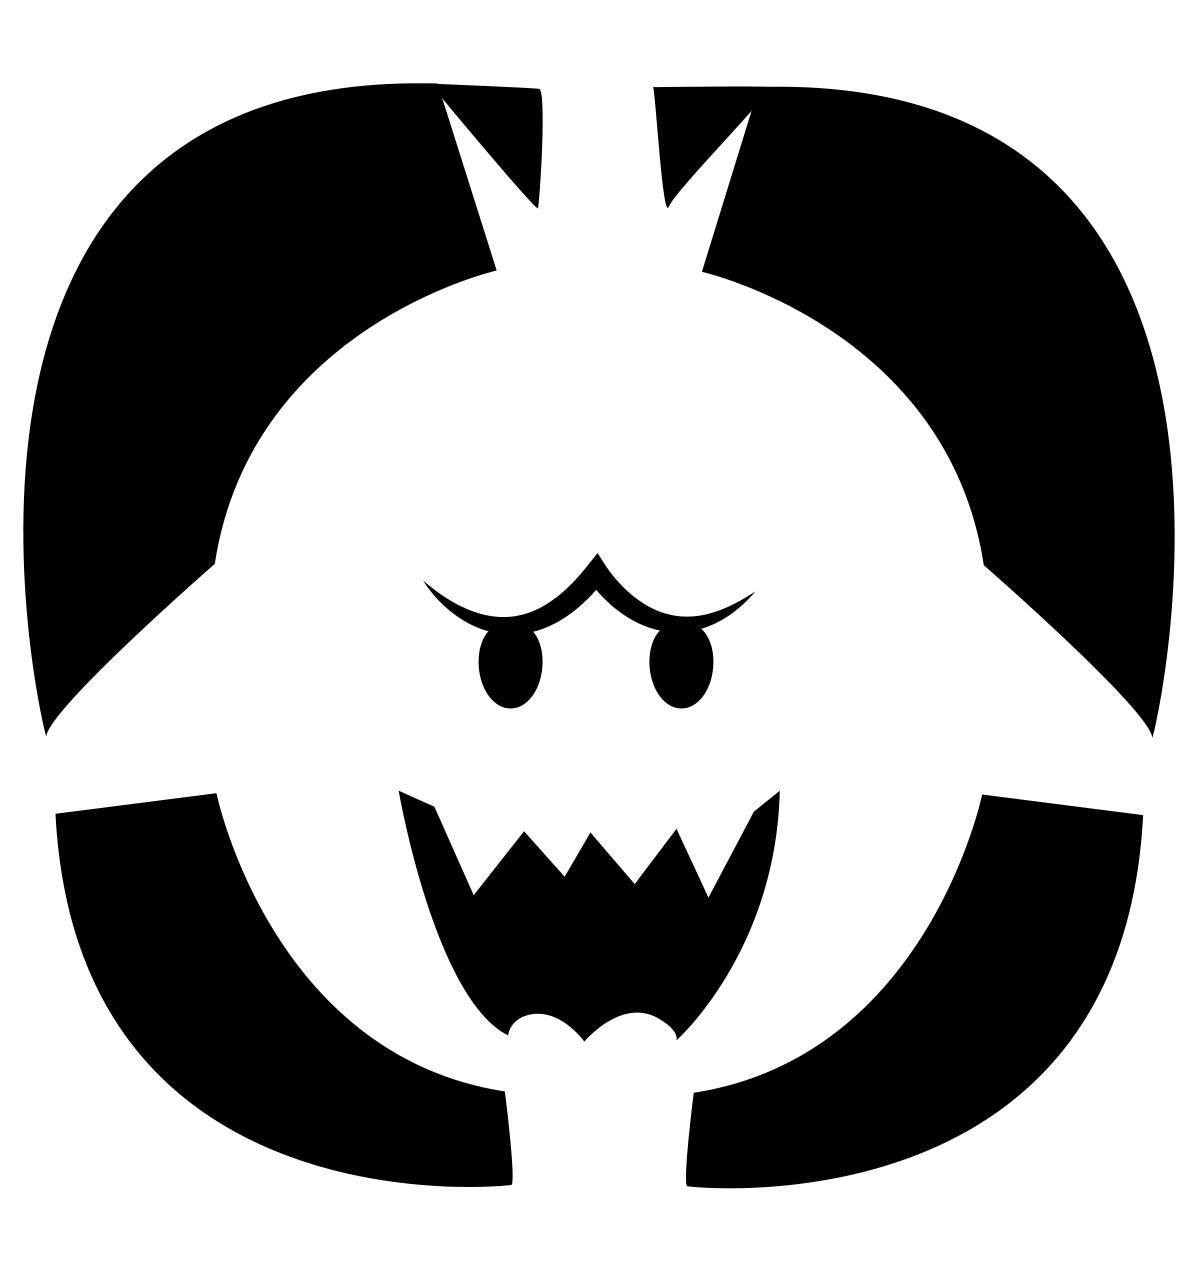 Halloween Pumpkin Carving Template: Boo Ghost | eHow.com ... |Bats Boo Pumpkin Stencil